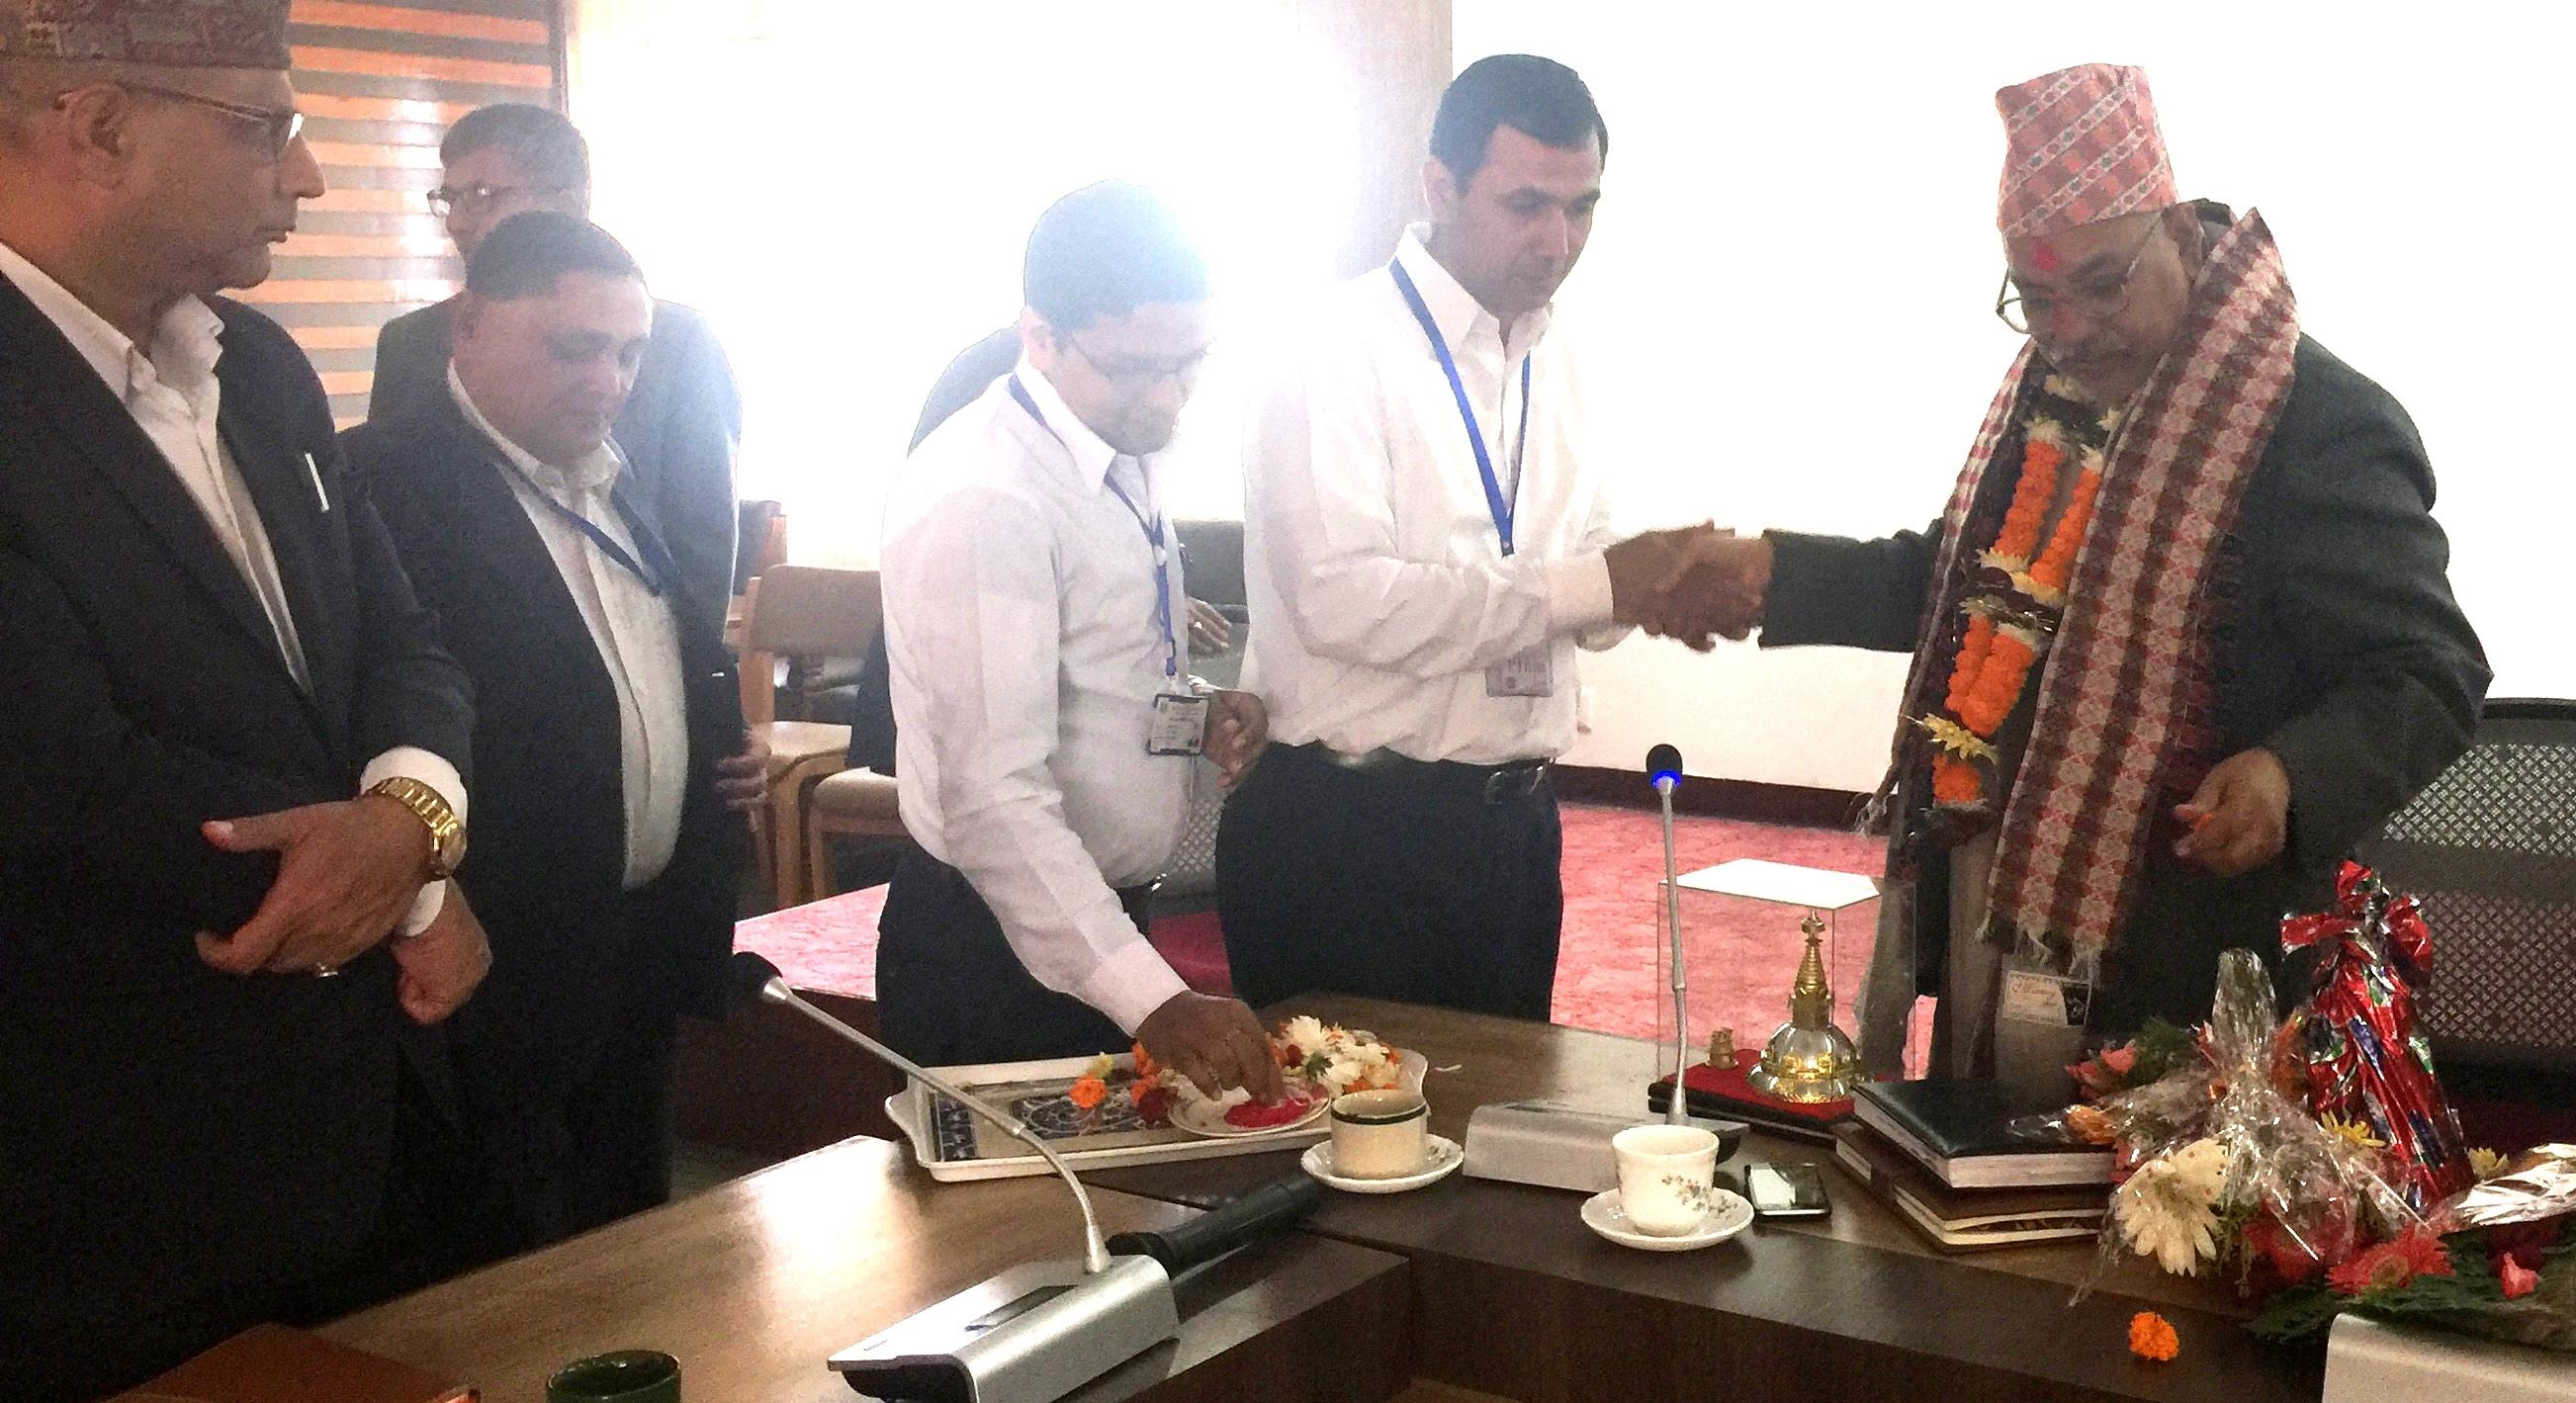 सचिव श्री शंकर प्रसाद कोईरालाज्यूको मिति २०७४।०७।१२ मा सम्पन्न विदाई कार्यक्रमका तस्वीरहरु